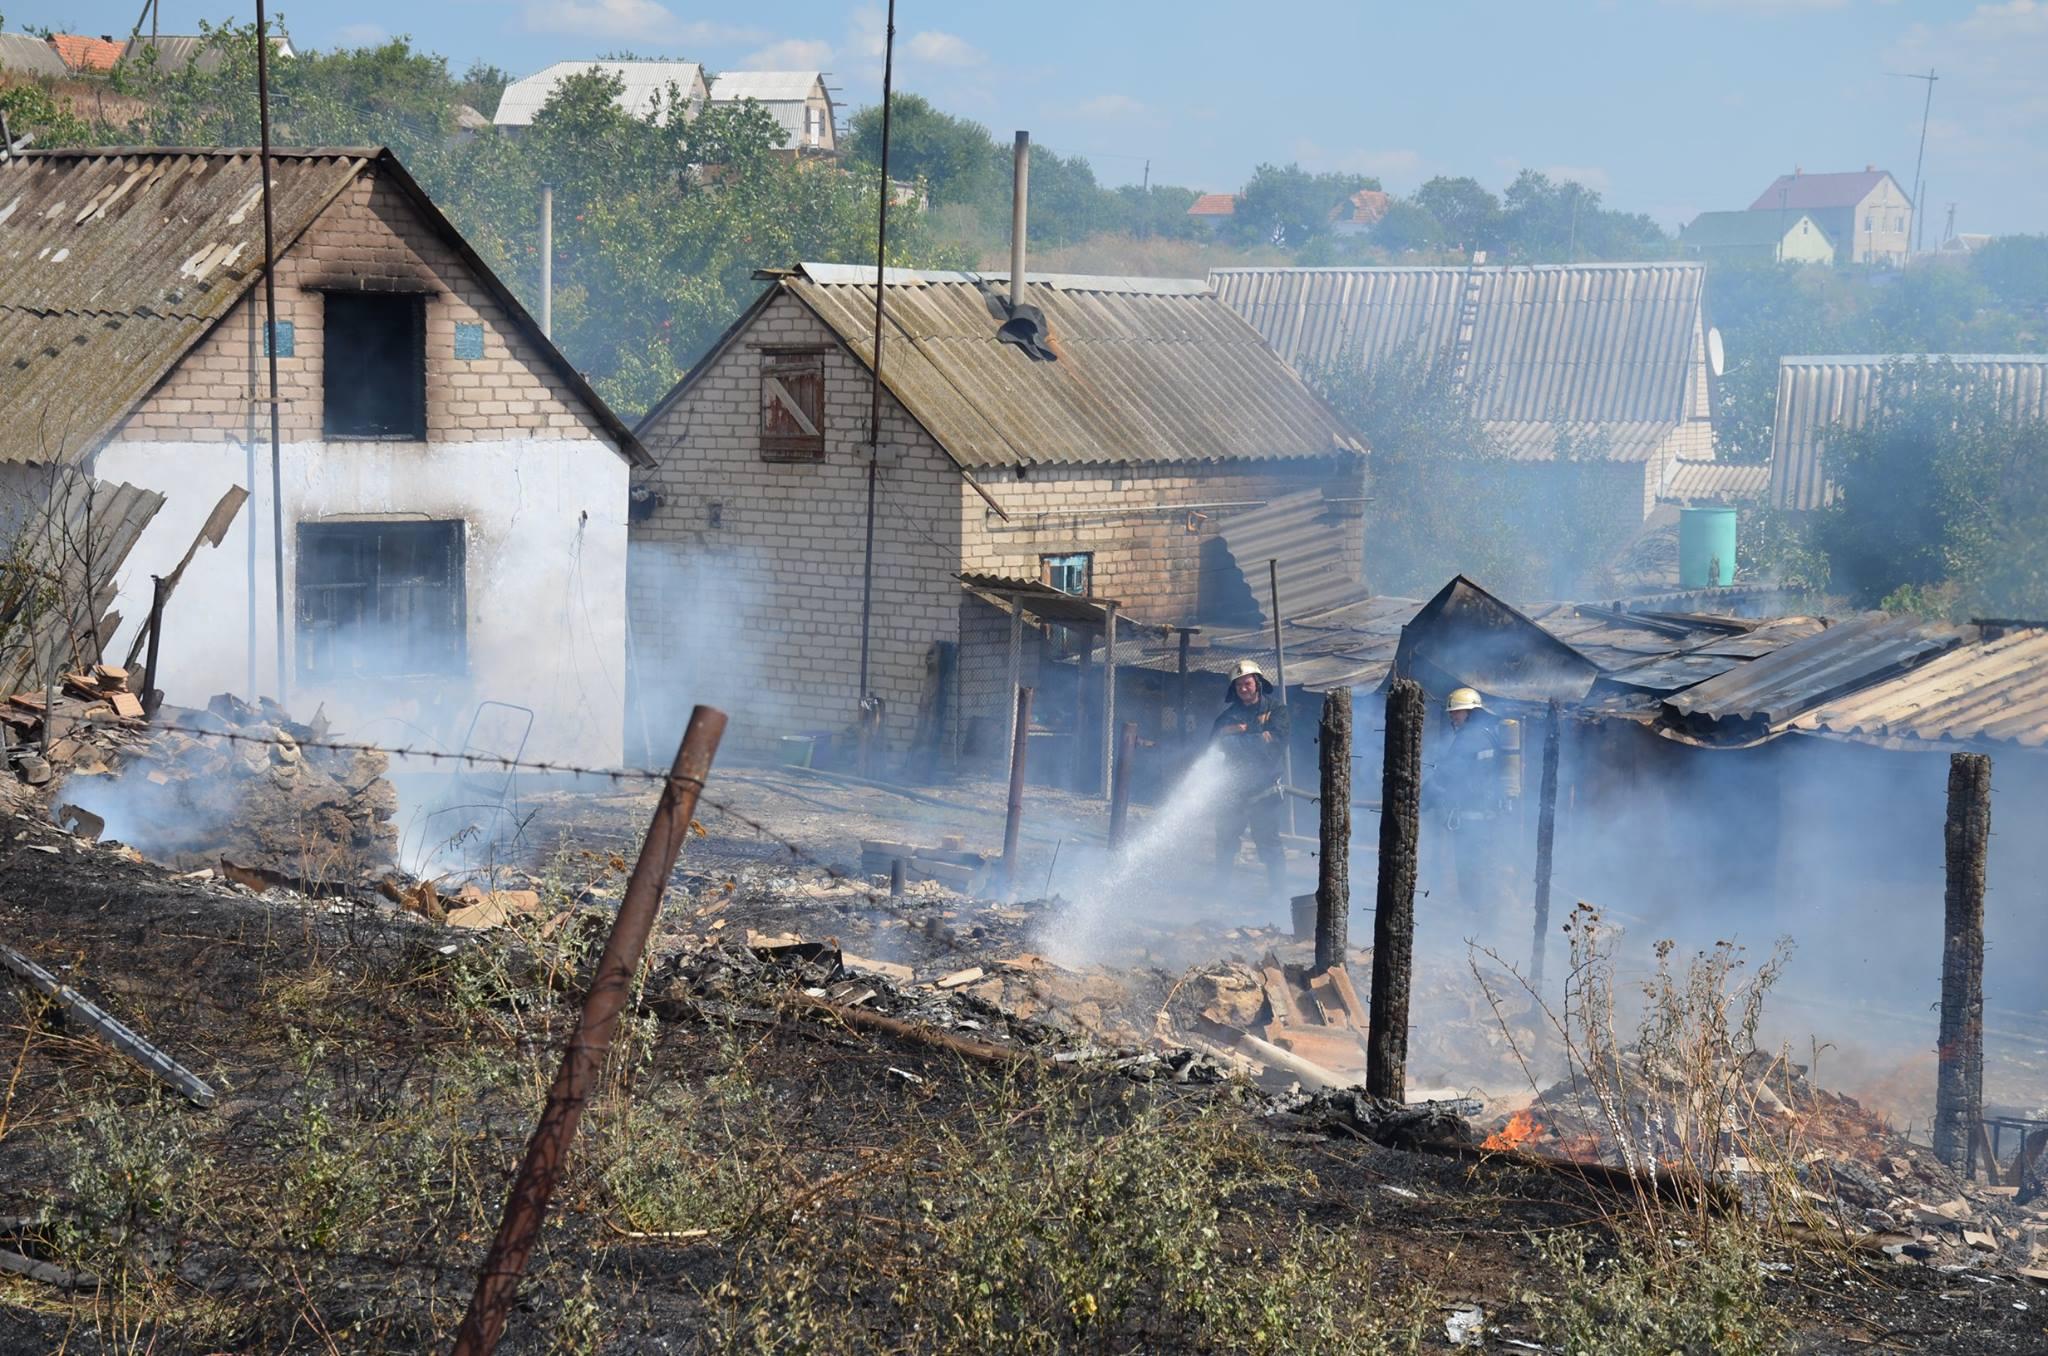 На Миколаївщині через пожежу сухостою загорілись сараї та житловий будинок - фото 4